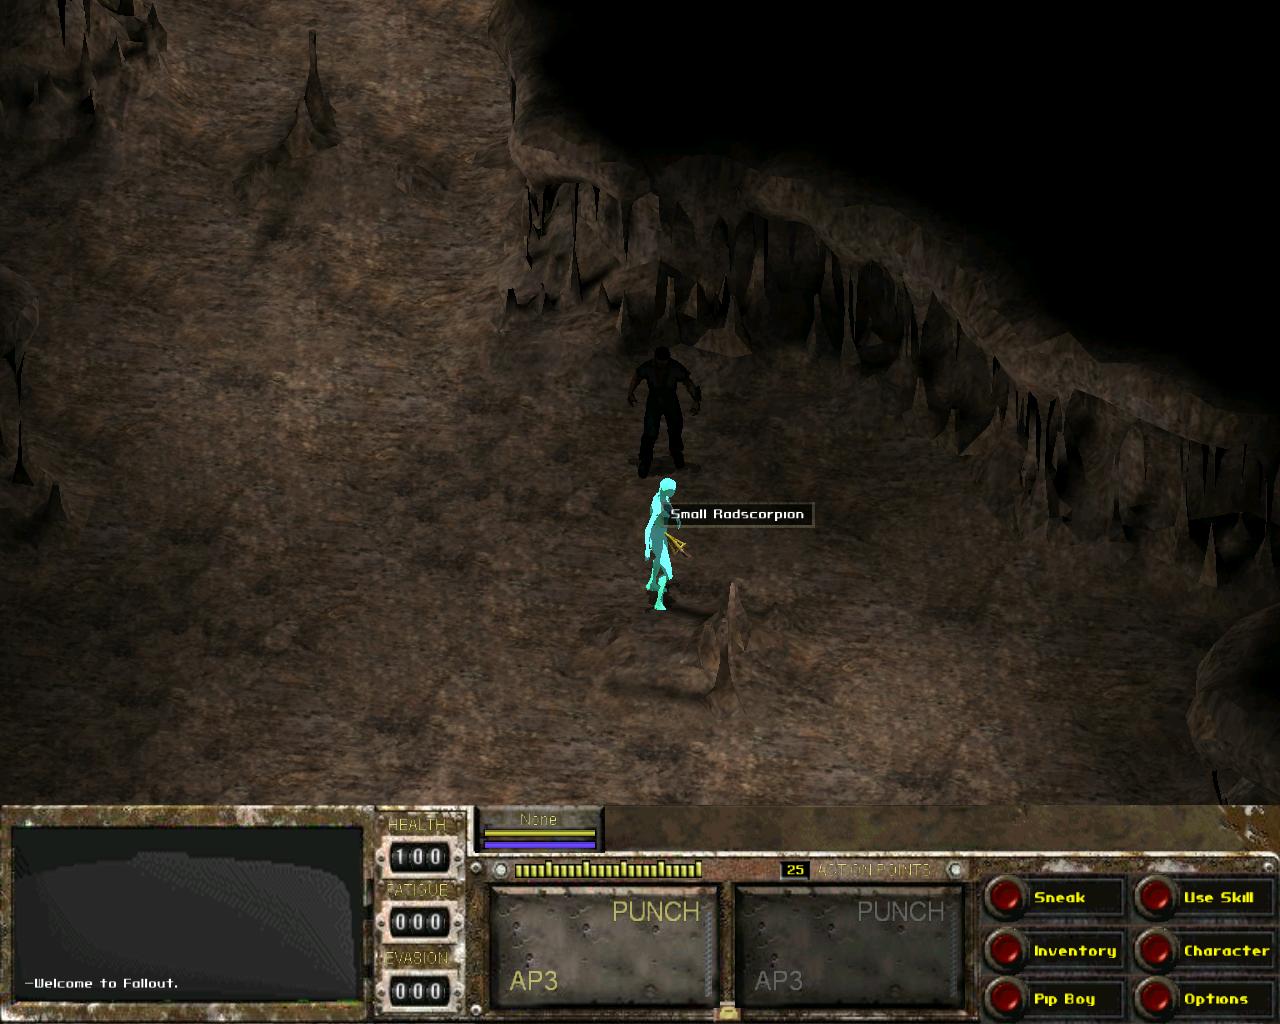 Van Buren Cave 2